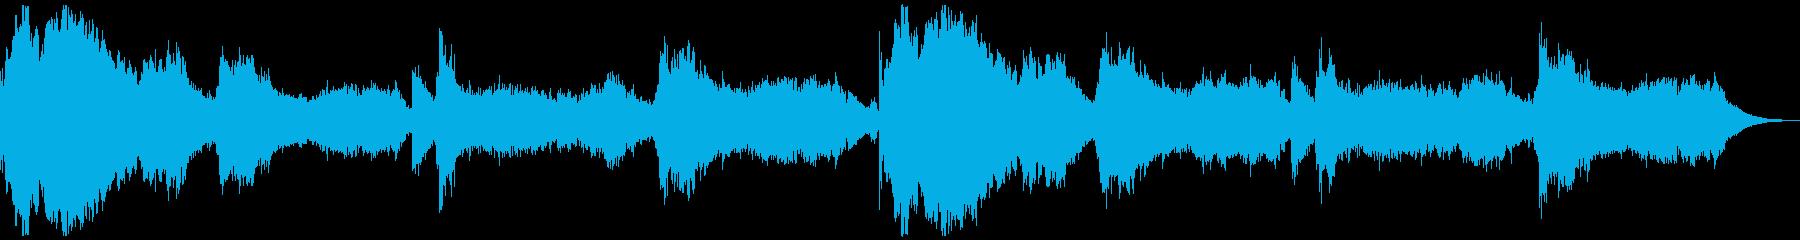 アンビエント系のホラー曲の再生済みの波形